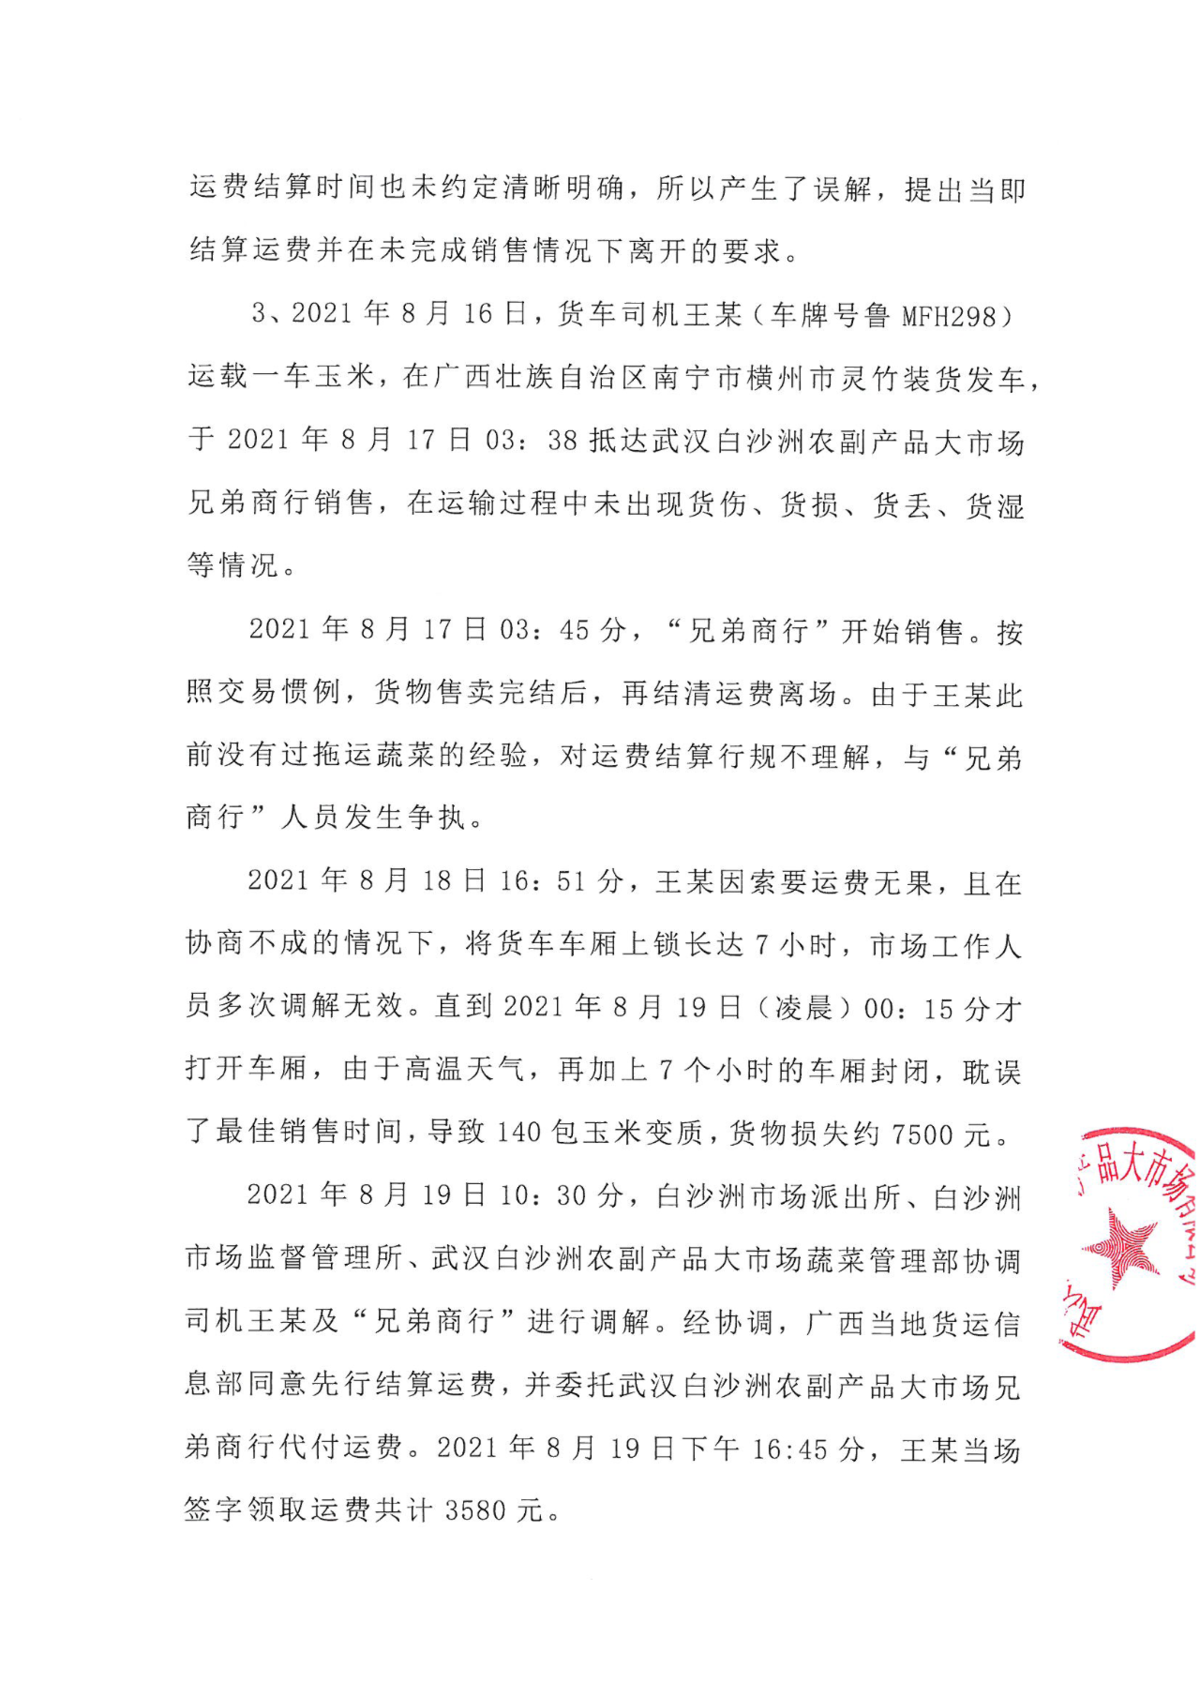 武汉白沙洲大市场发声:网传克扣运费事件系广西货主与司机运输纠纷